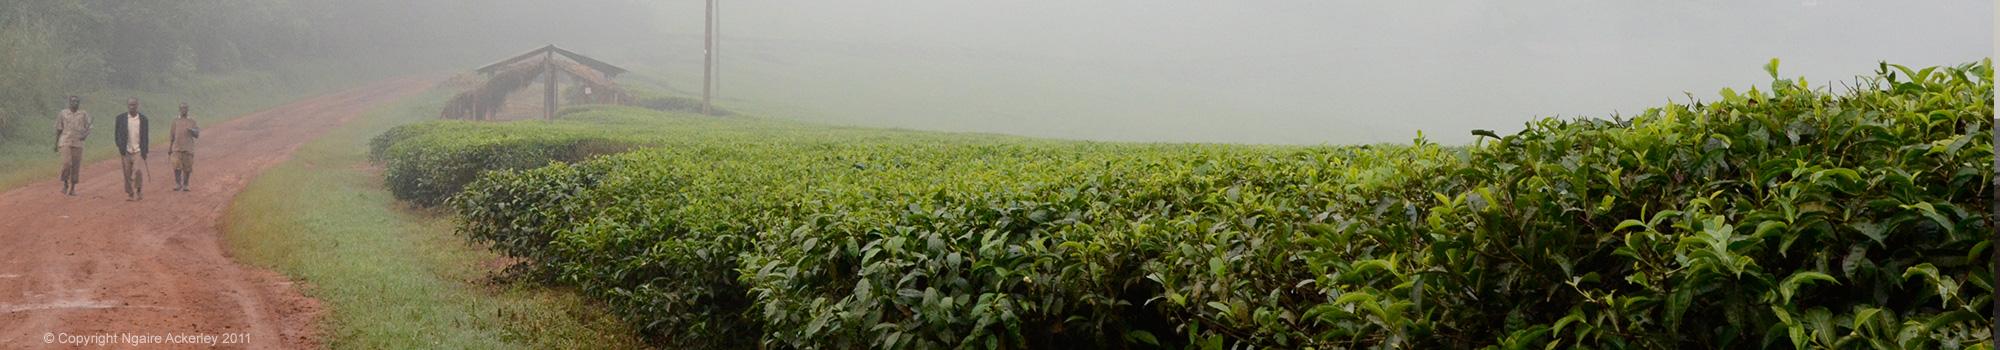 Kibale Tea Plantations, Uganda